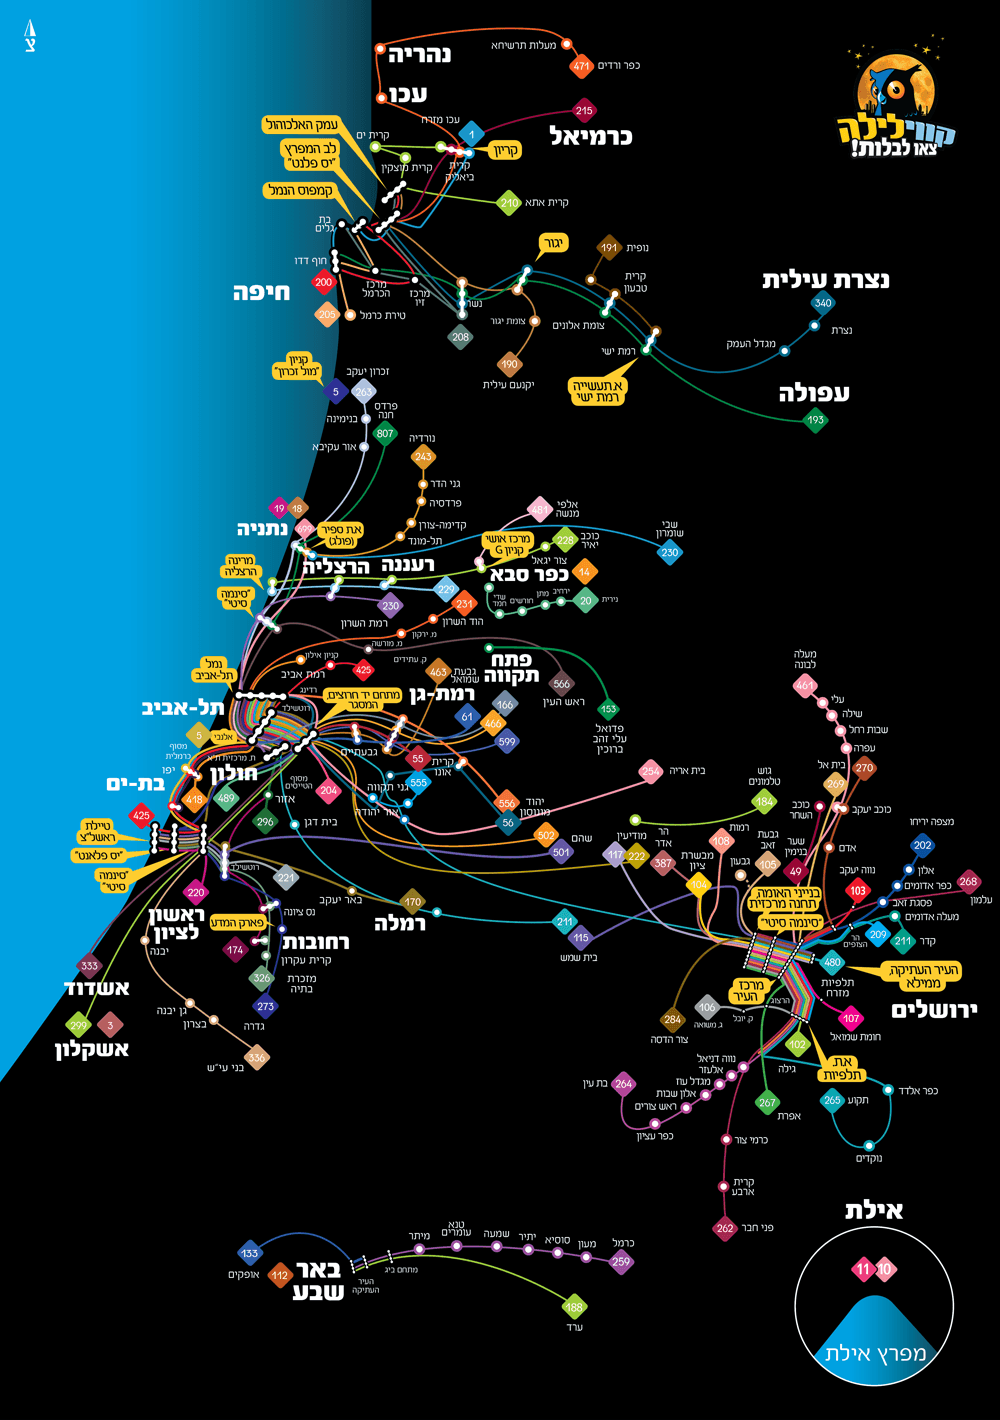 kav layla map 2019